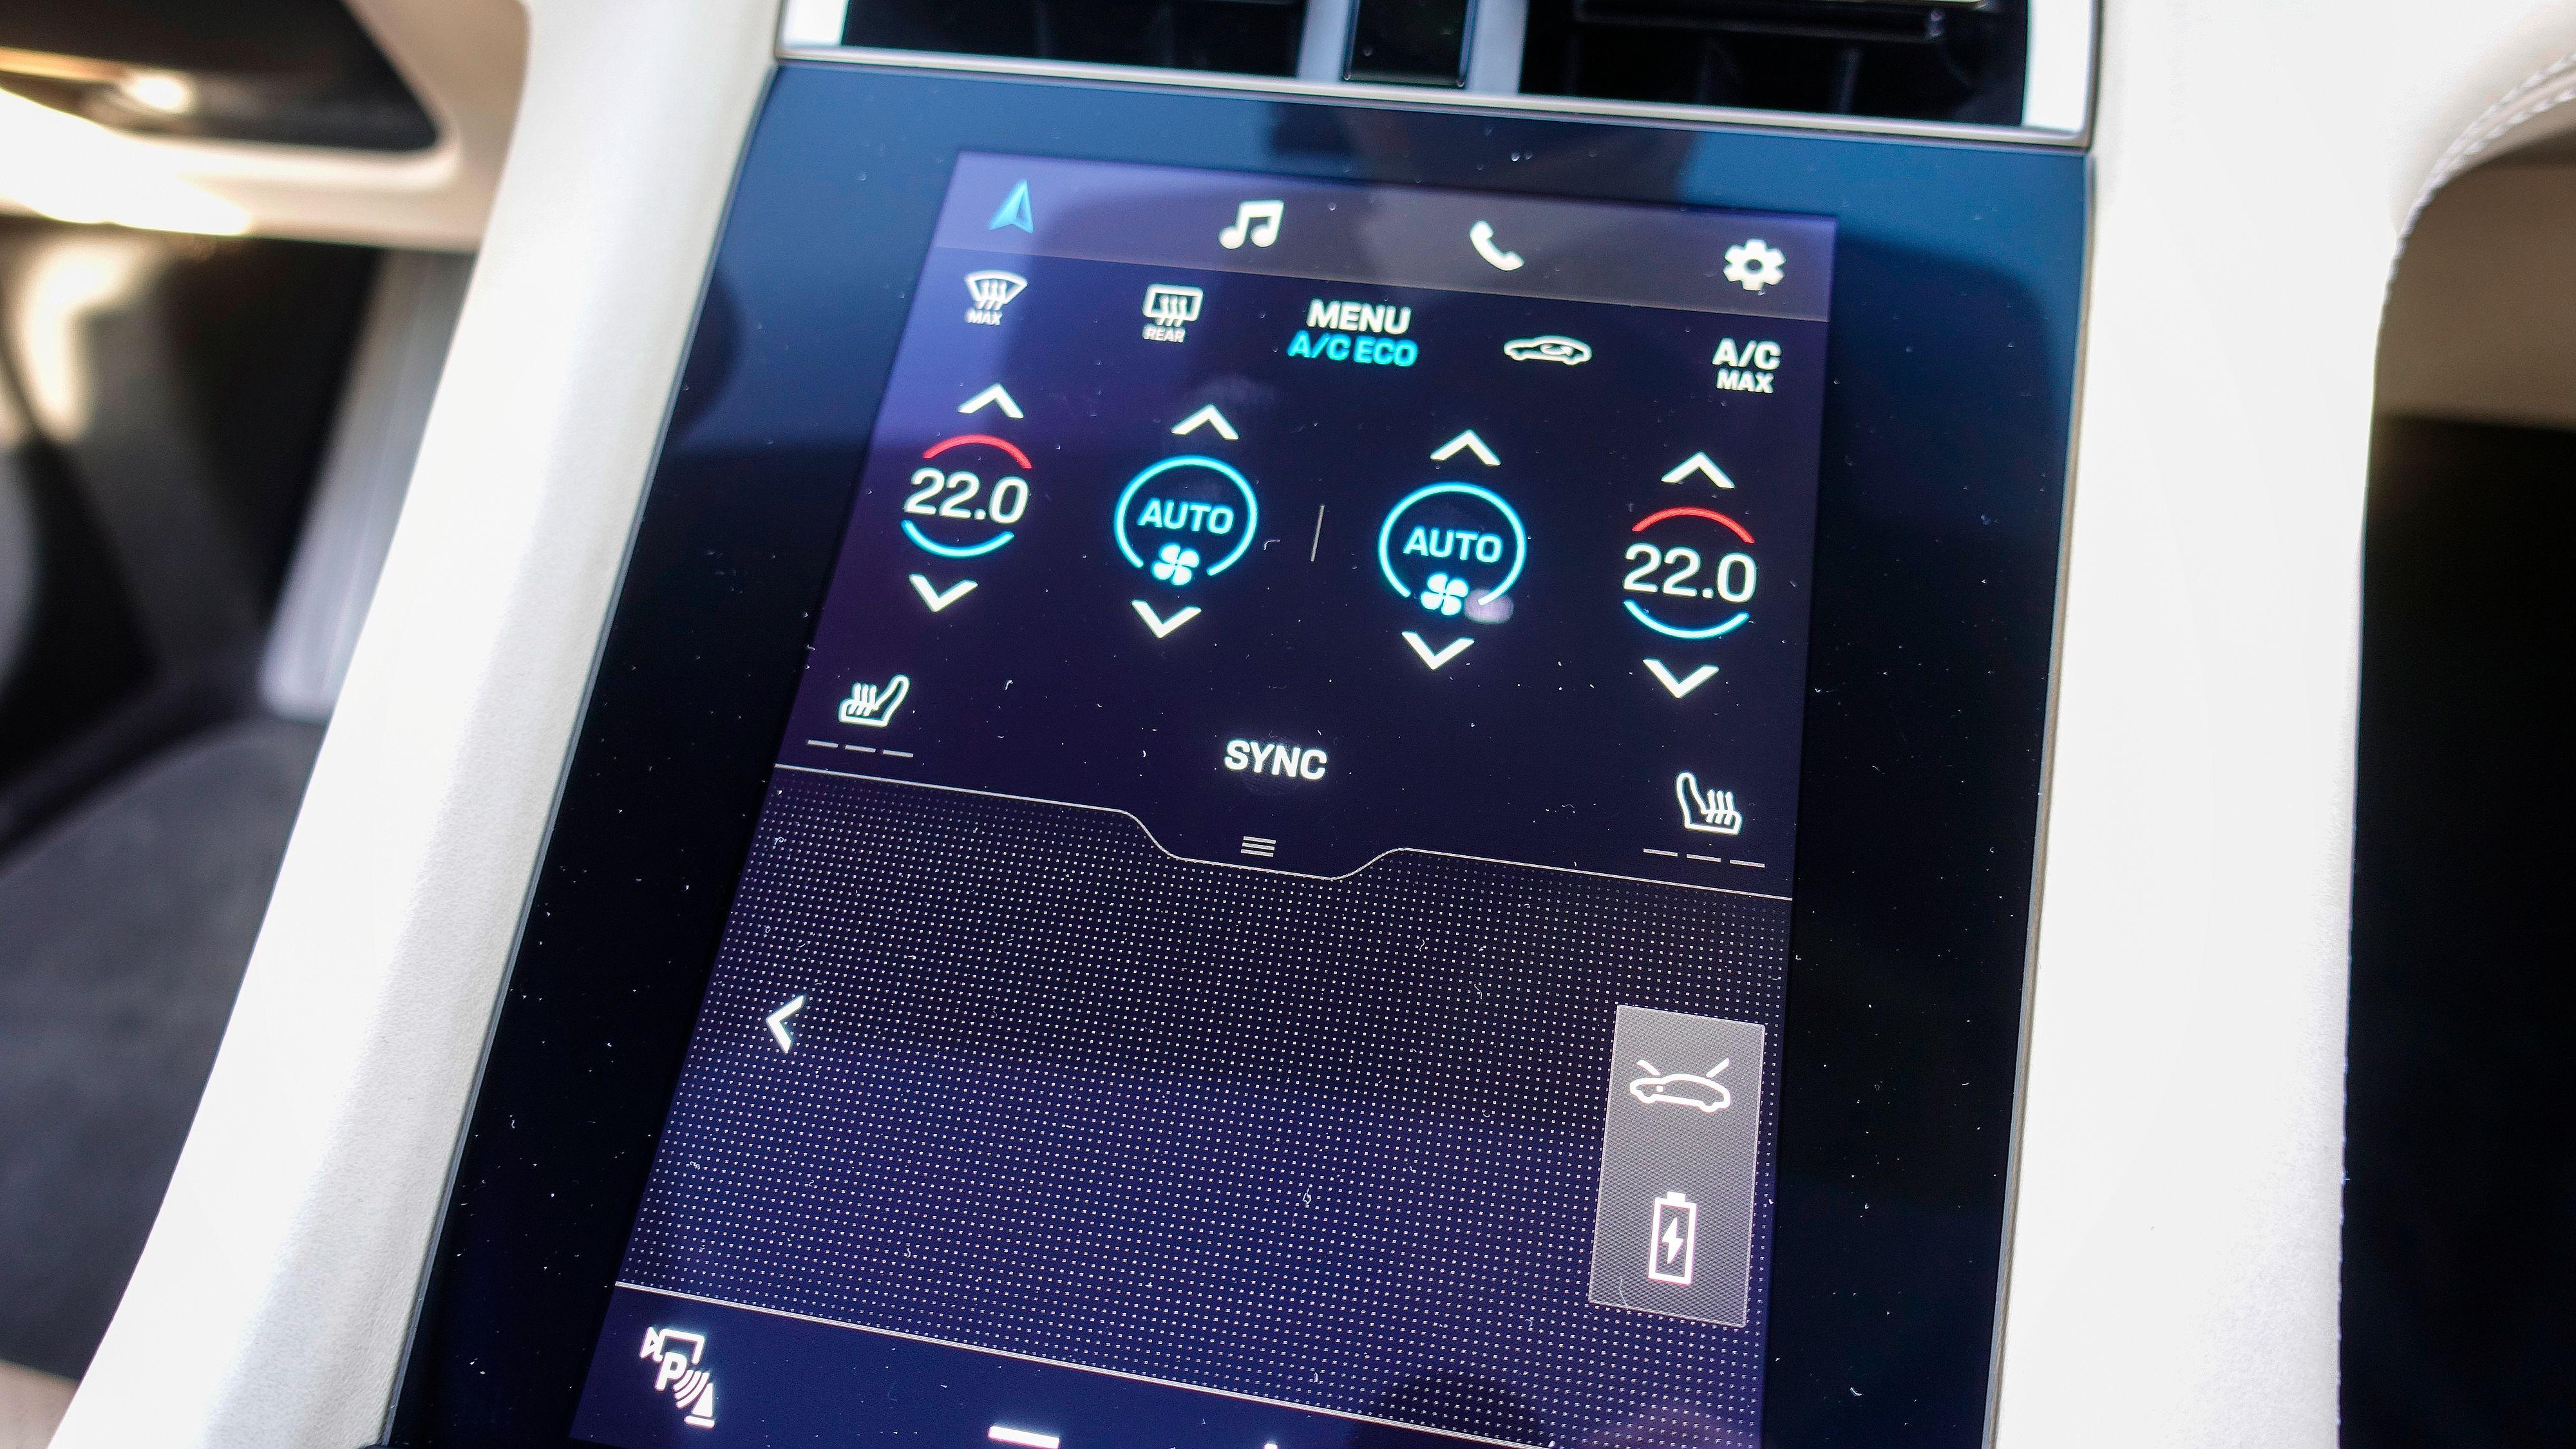 Klimaanlegget styres i hovedsak fra skjermen i midtkonsollen. Den fungerer også som en slags «pekeplate» for skjermen over, om du heller vil styre den på den måten enn å ta på skjermen direkte. Skjermen har også såkalt haptisk feedback, altså vibrerer den lett hver gang du trykker på en «knapp».